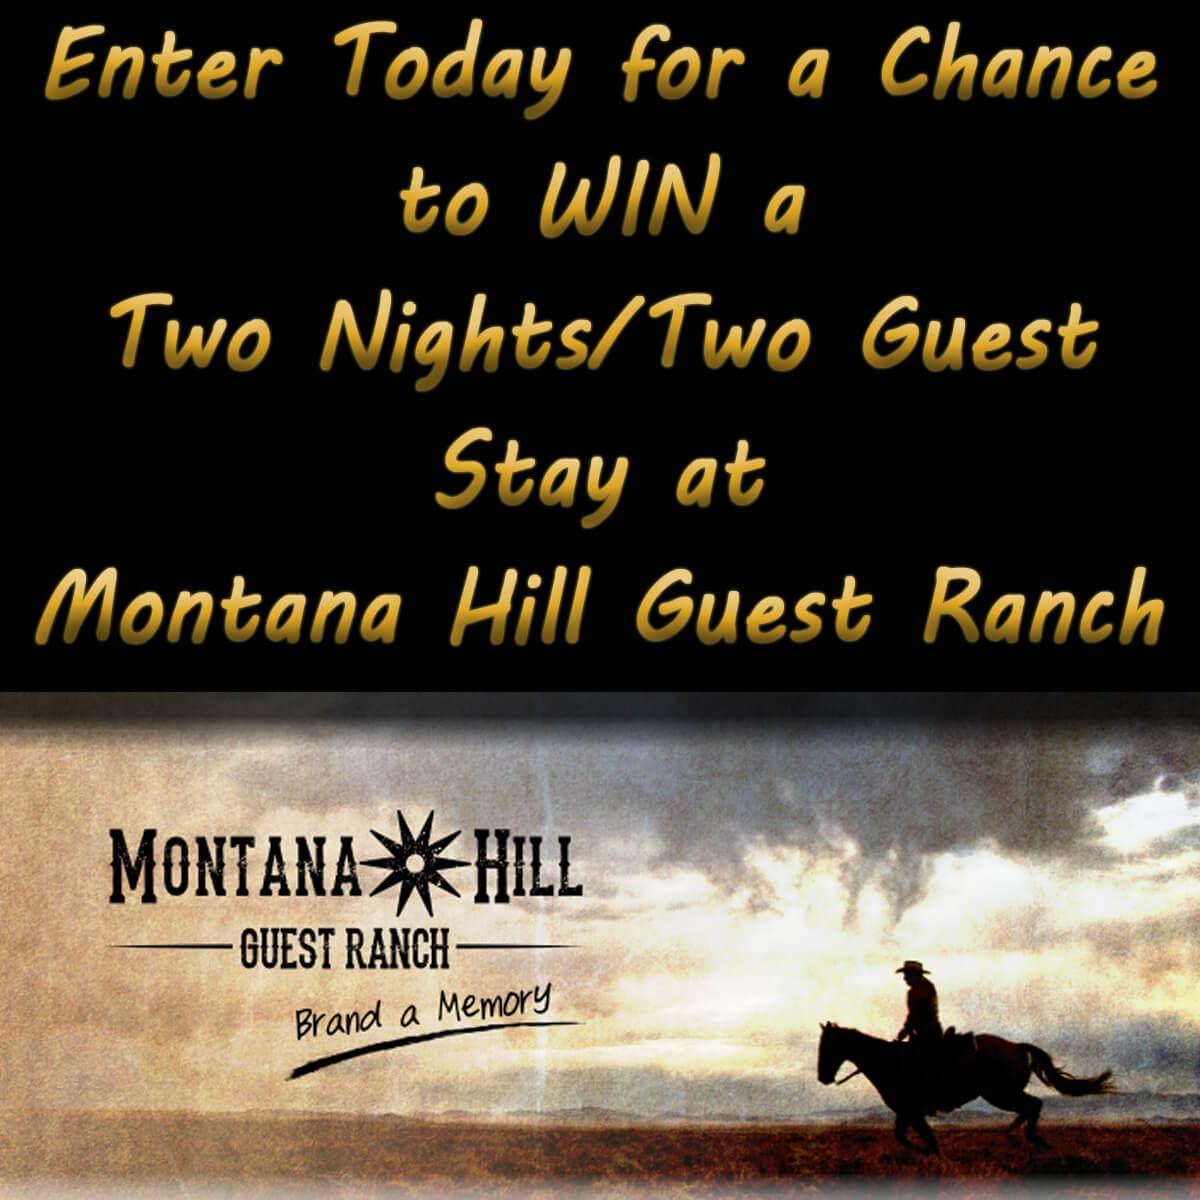 Montana Hill Guest Ranch